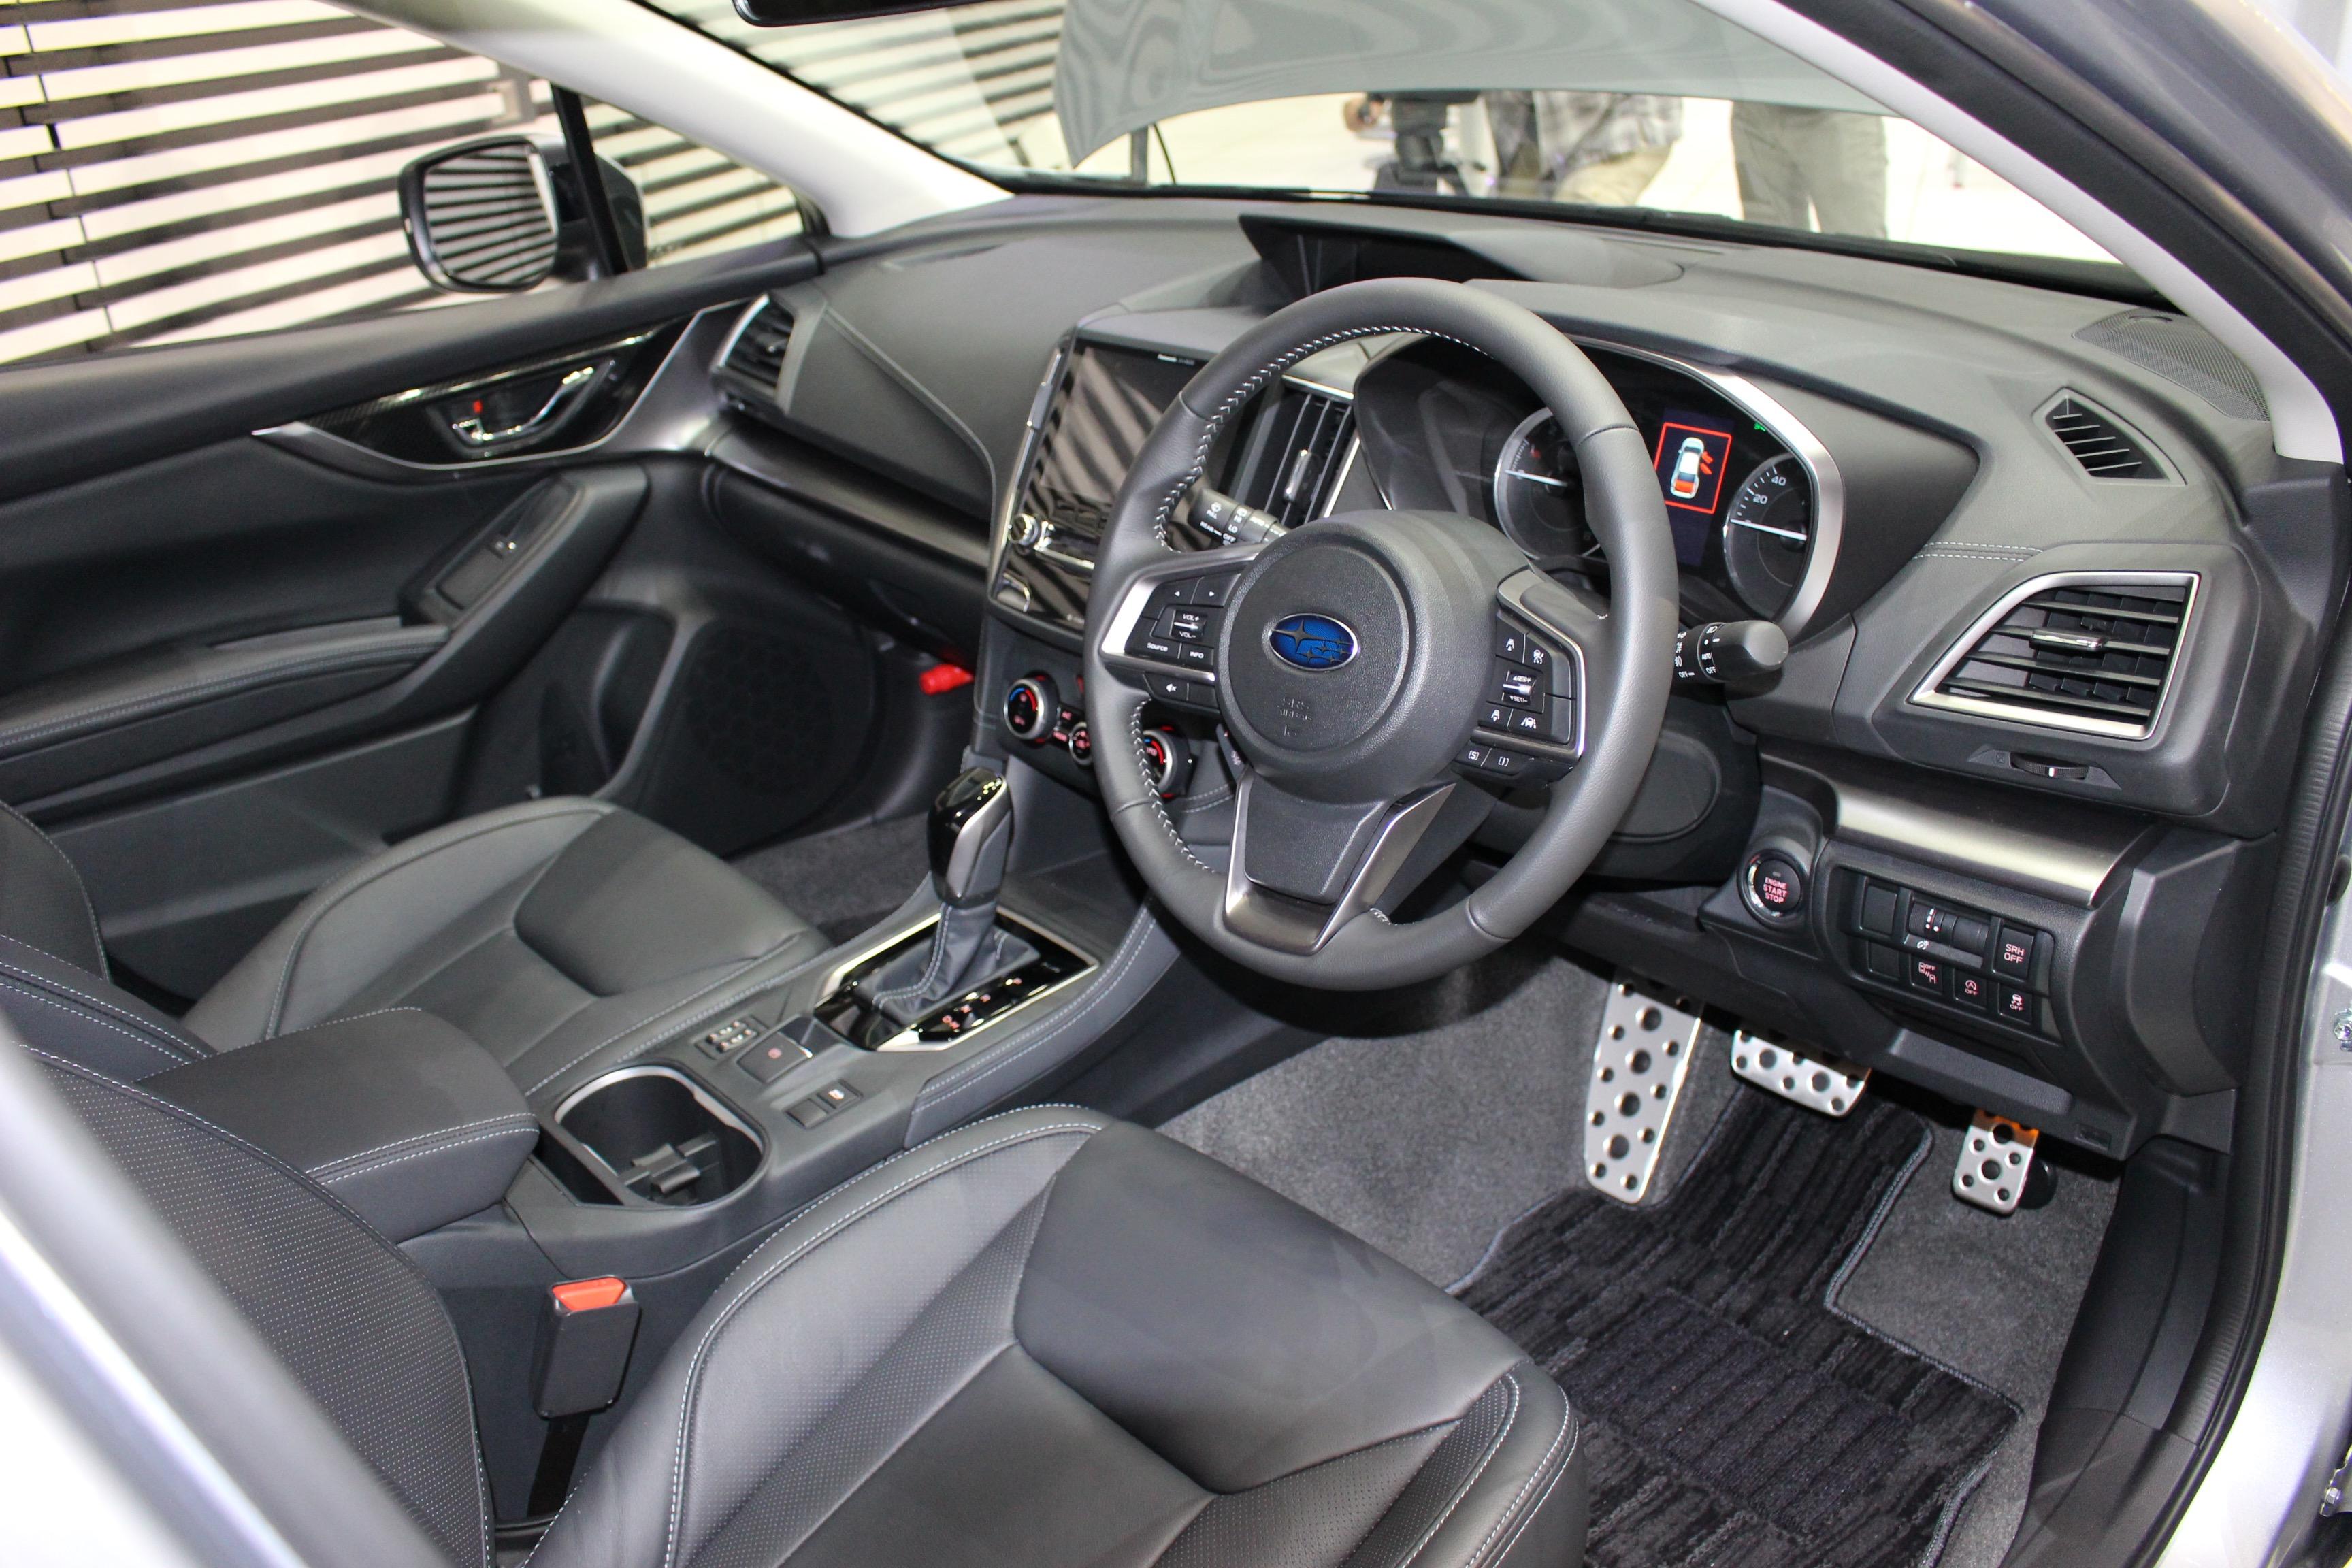 新型スバル・インプレッサの内装はdセグメント並の質感を実現 | Subaru New Impreza 15